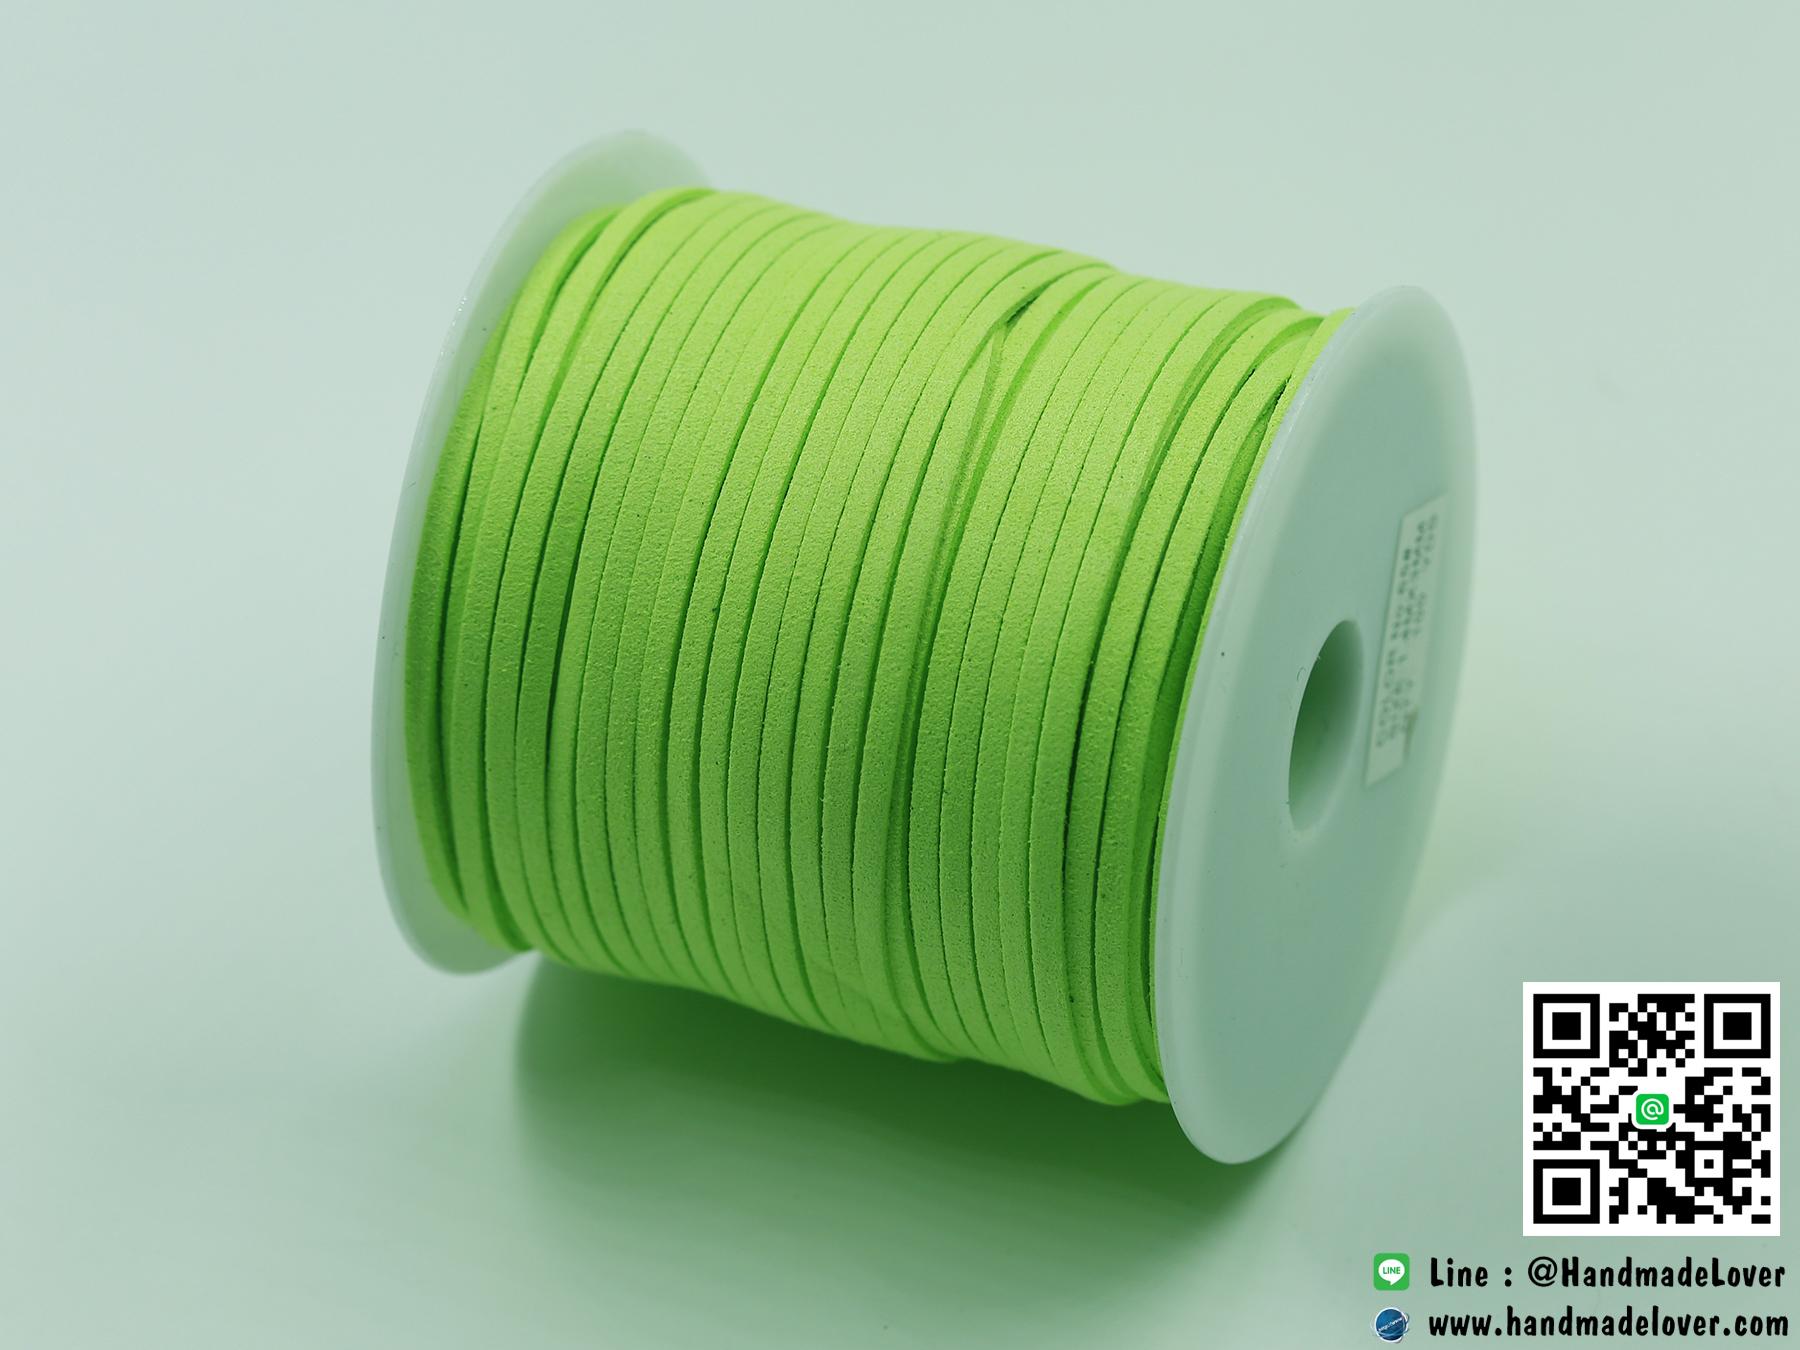 [3 มิล] เชือกหนังชามุด สี 31 (เขียวใบตองอ่อน) ม้วนใหญ่ (100 หลา)